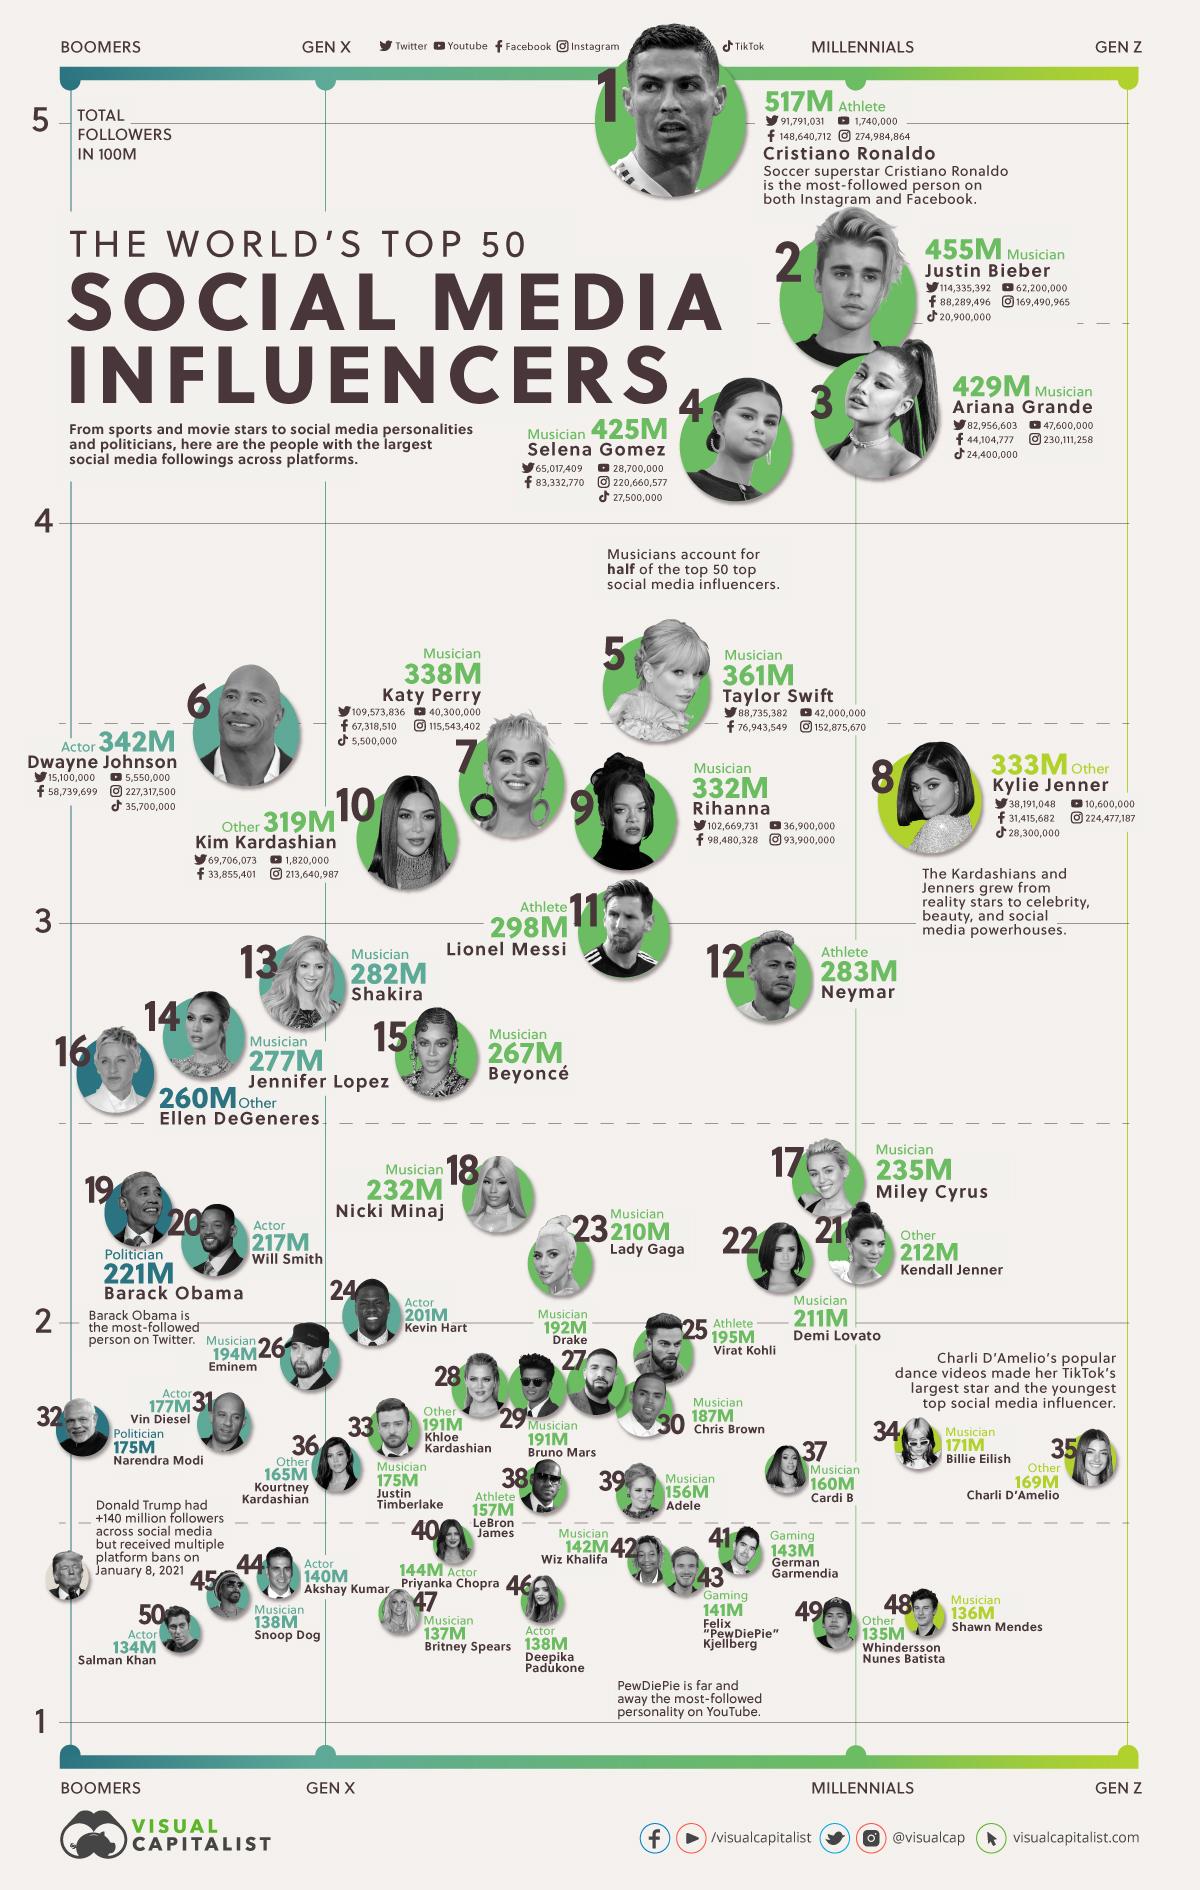 Die 50 reichweitenstärksten Social-Media-Influencer weltweit